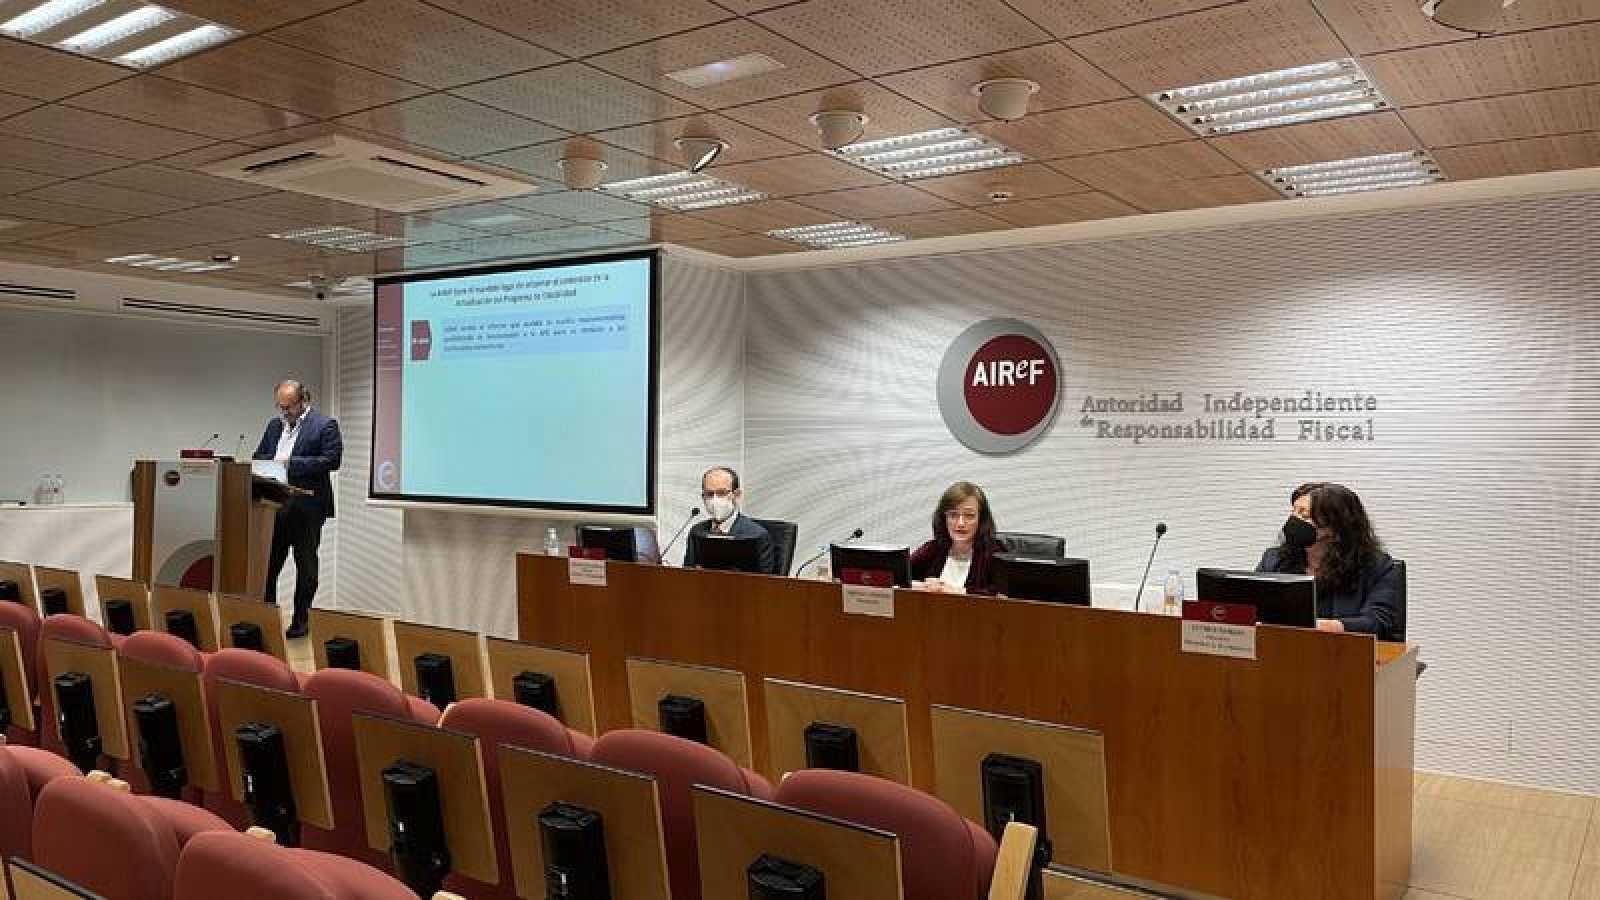 Presentación del informe de la AIReF este martes